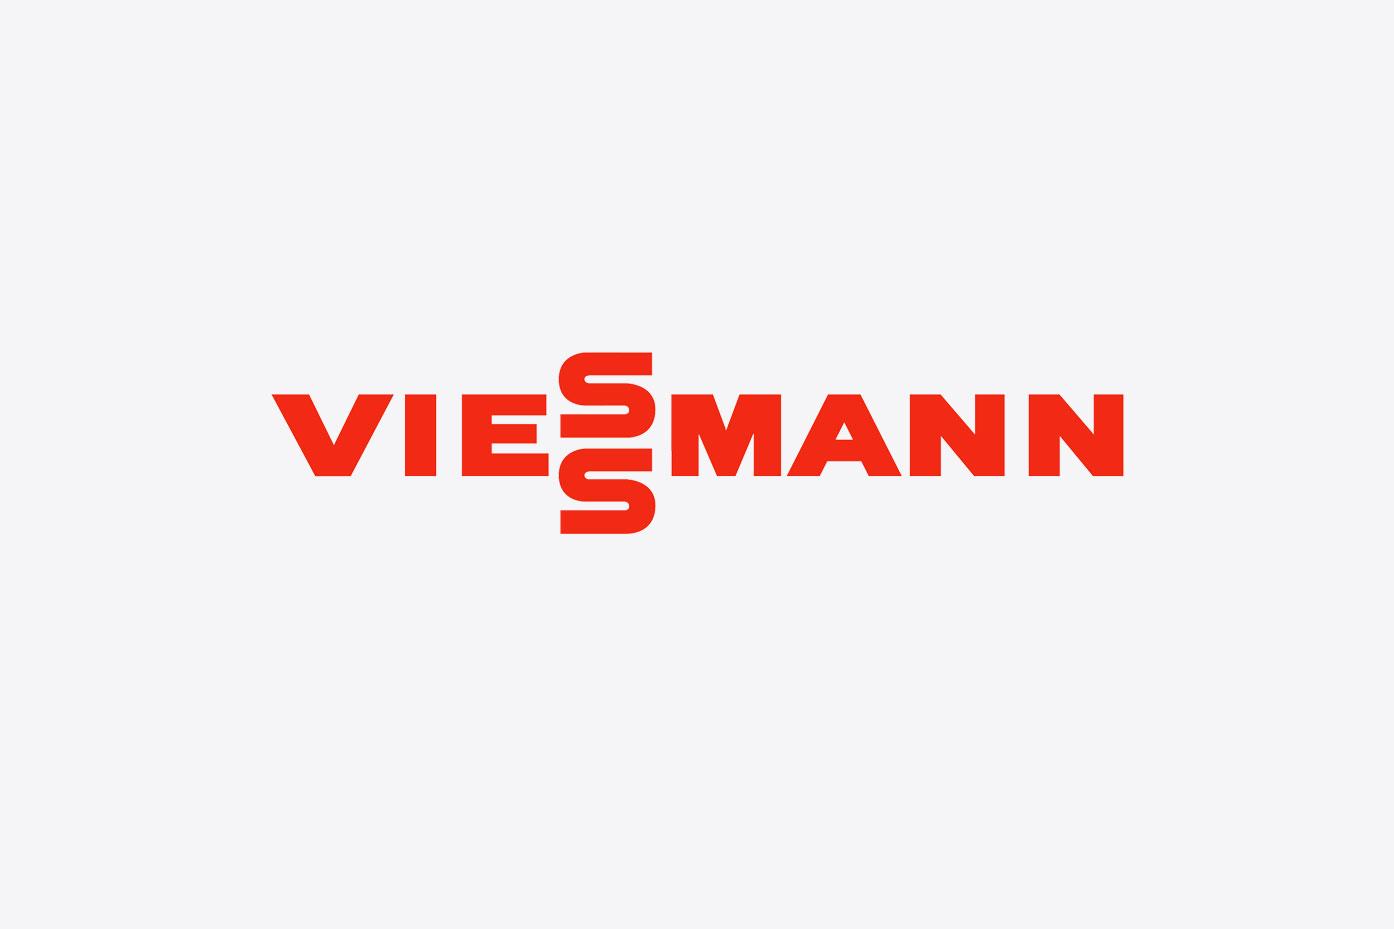 Case study: Viessmann